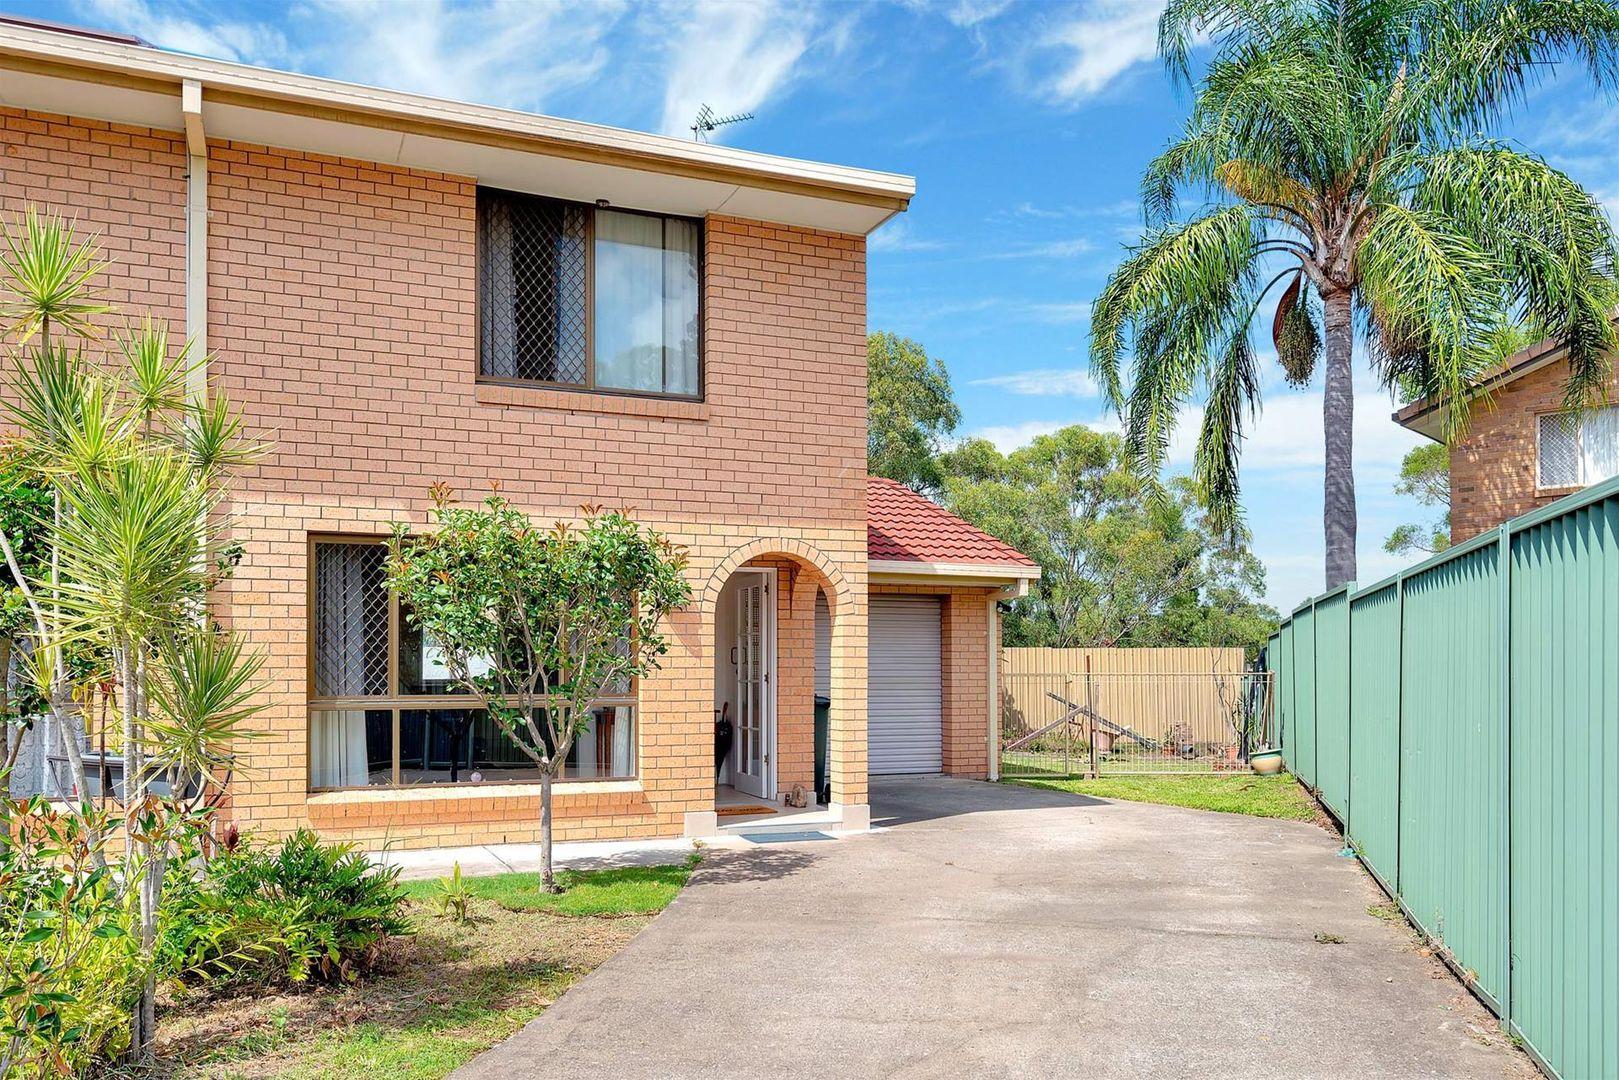 3/8 Parkridge Drive, Molendinar QLD 4214, Image 0